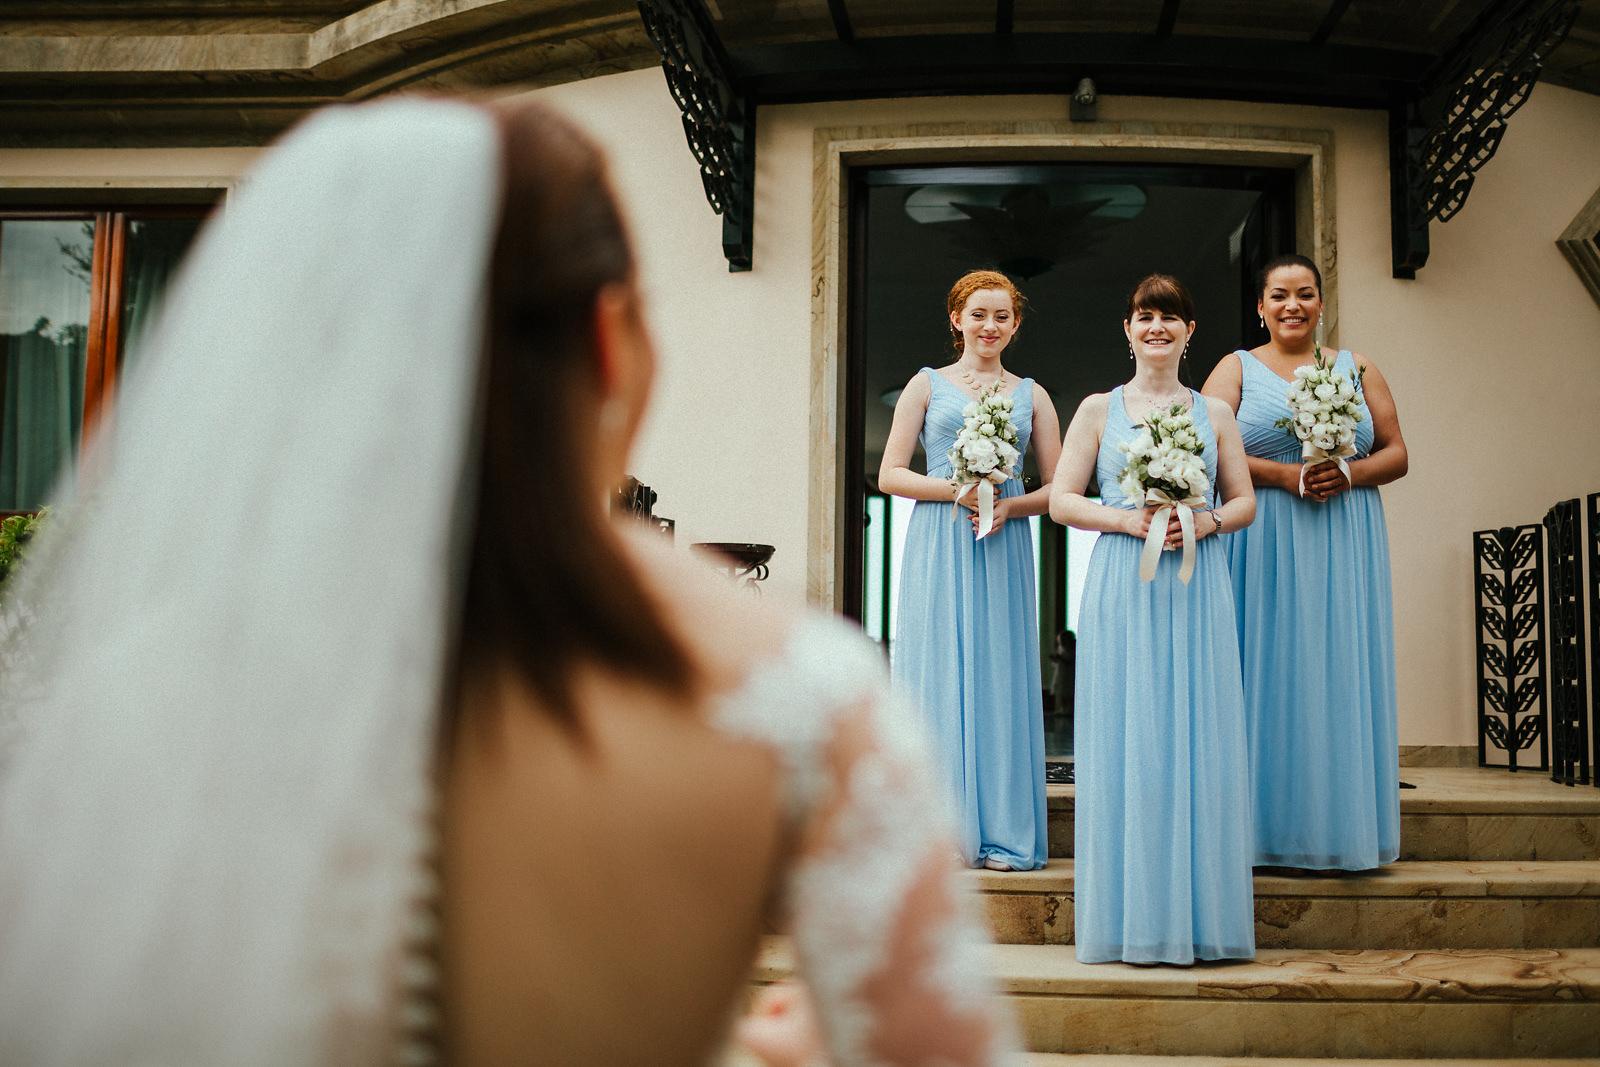 Bride ready to walk down the aisle in Italian villa